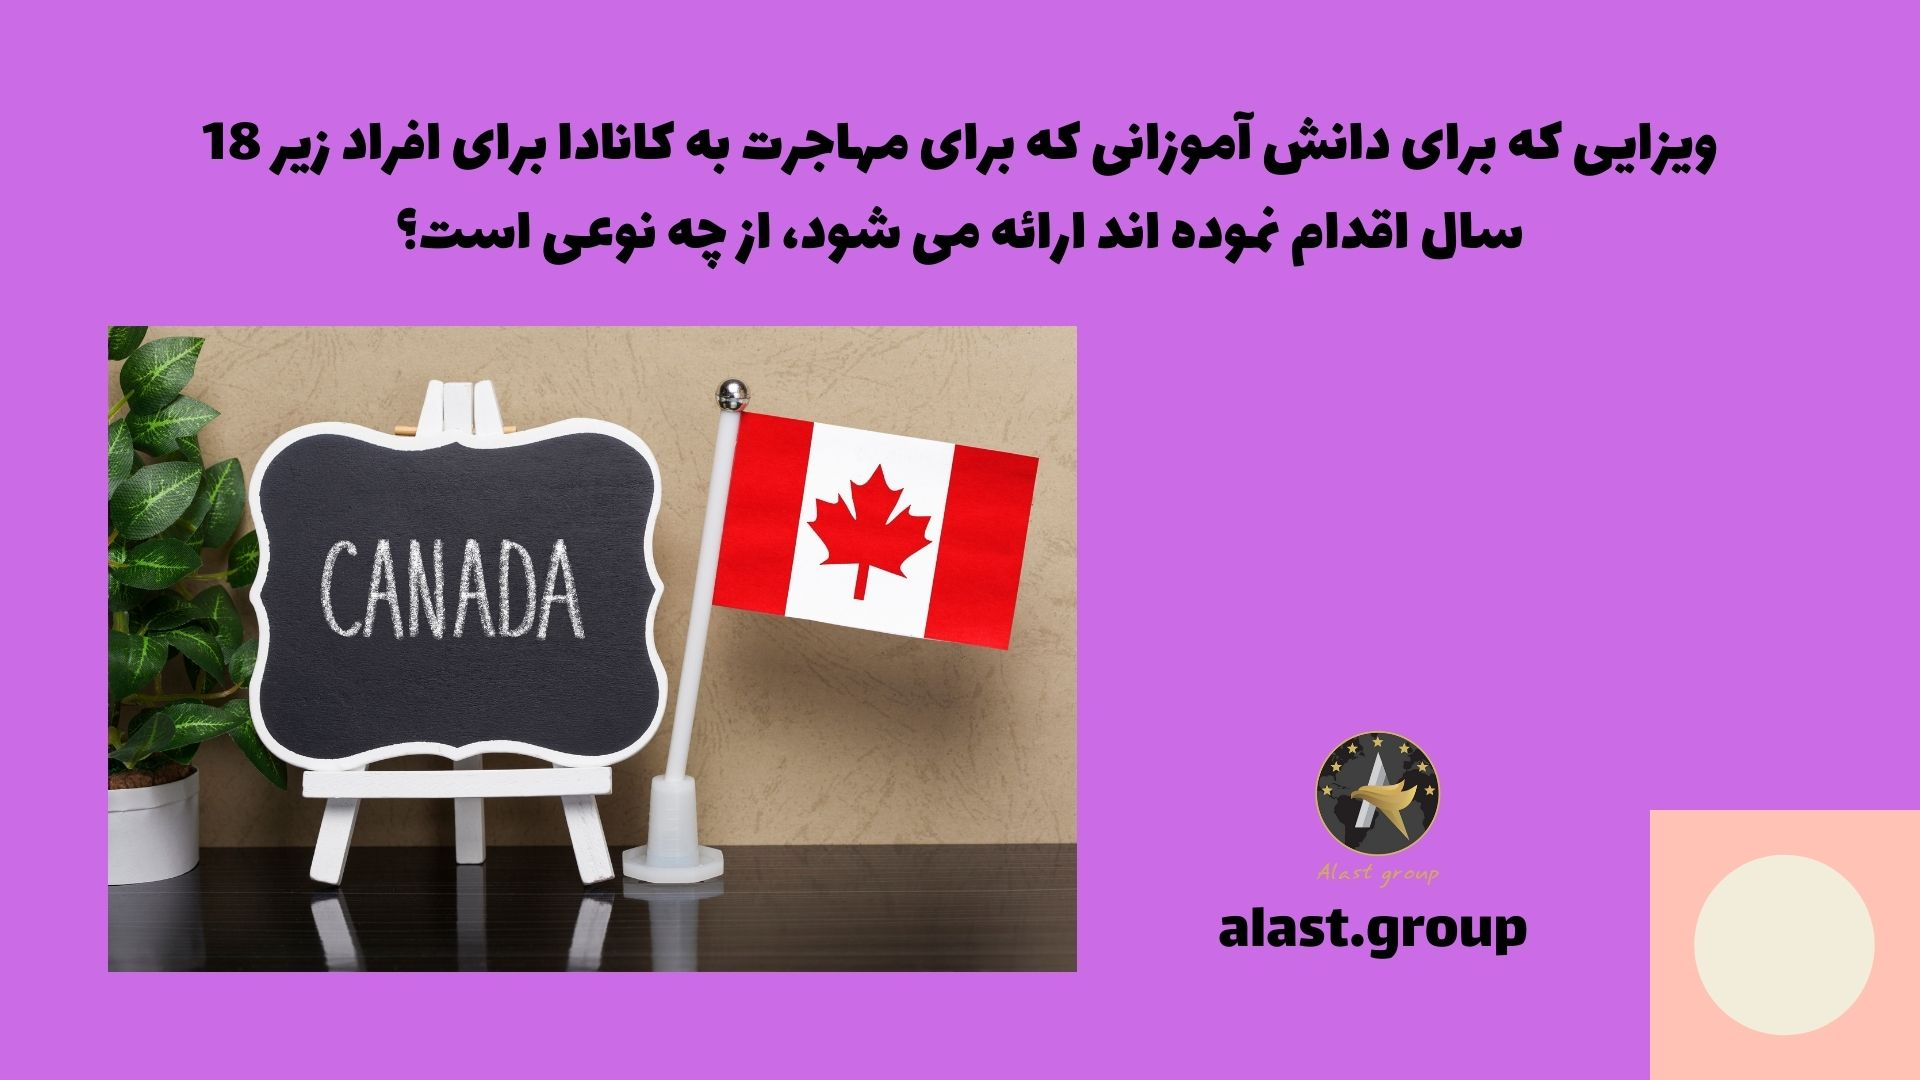 ویزایی که برای دانش آموزانی که برای مهاجرت به کانادا برای افراد زیر 18 سال اقدام نموده اند ارائه می شود، از چه نوعی است؟